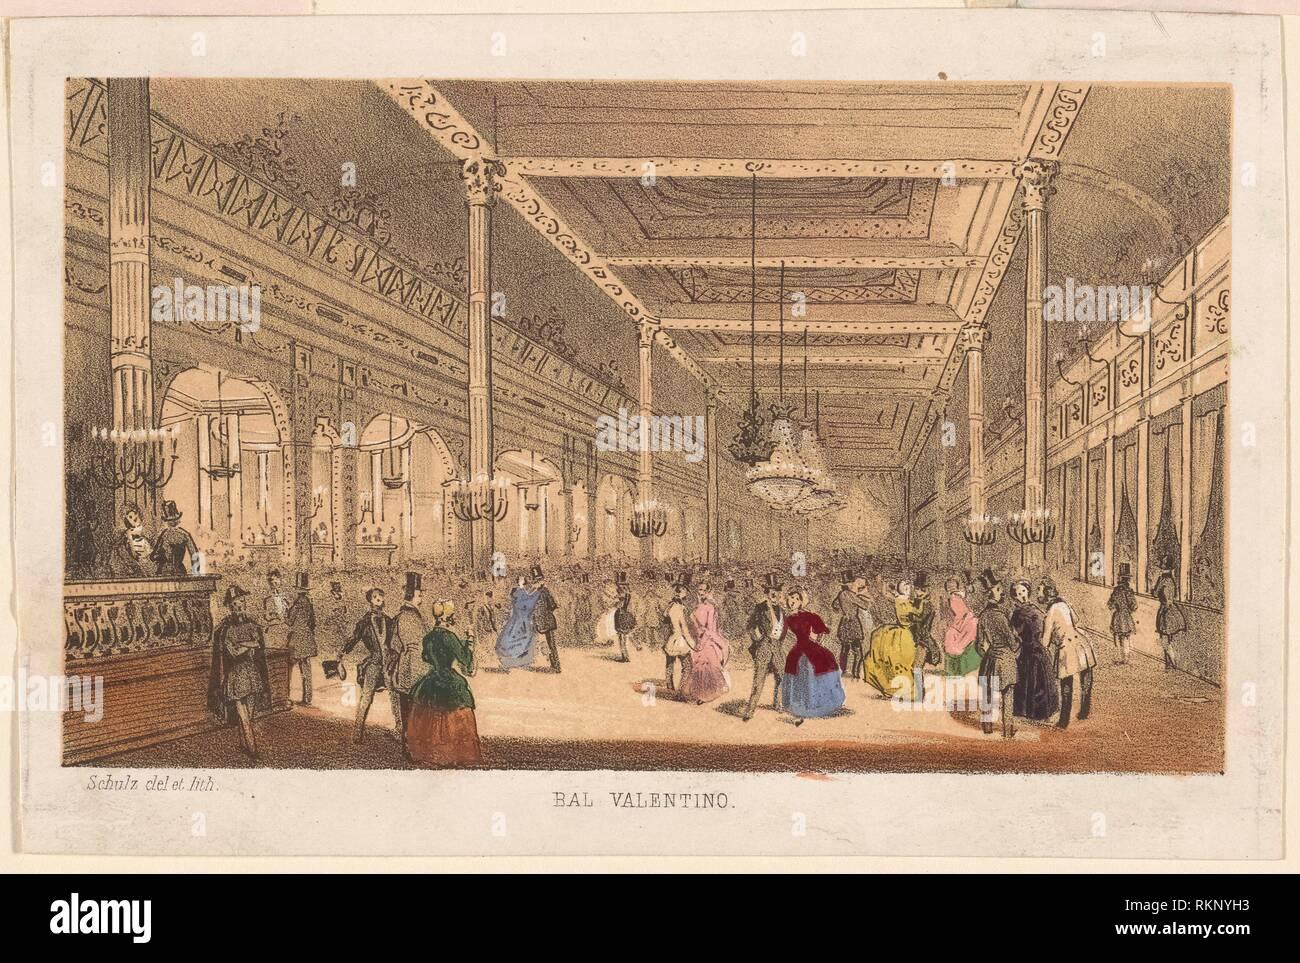 Bal Valentino. Schulz, XIX sec.. (Litografo) Schulz, XIX sec.. (Artista). Stampe raffiguranti soggetti di danza. Data di pubblicazione: 1800 - 1899 Immagini Stock